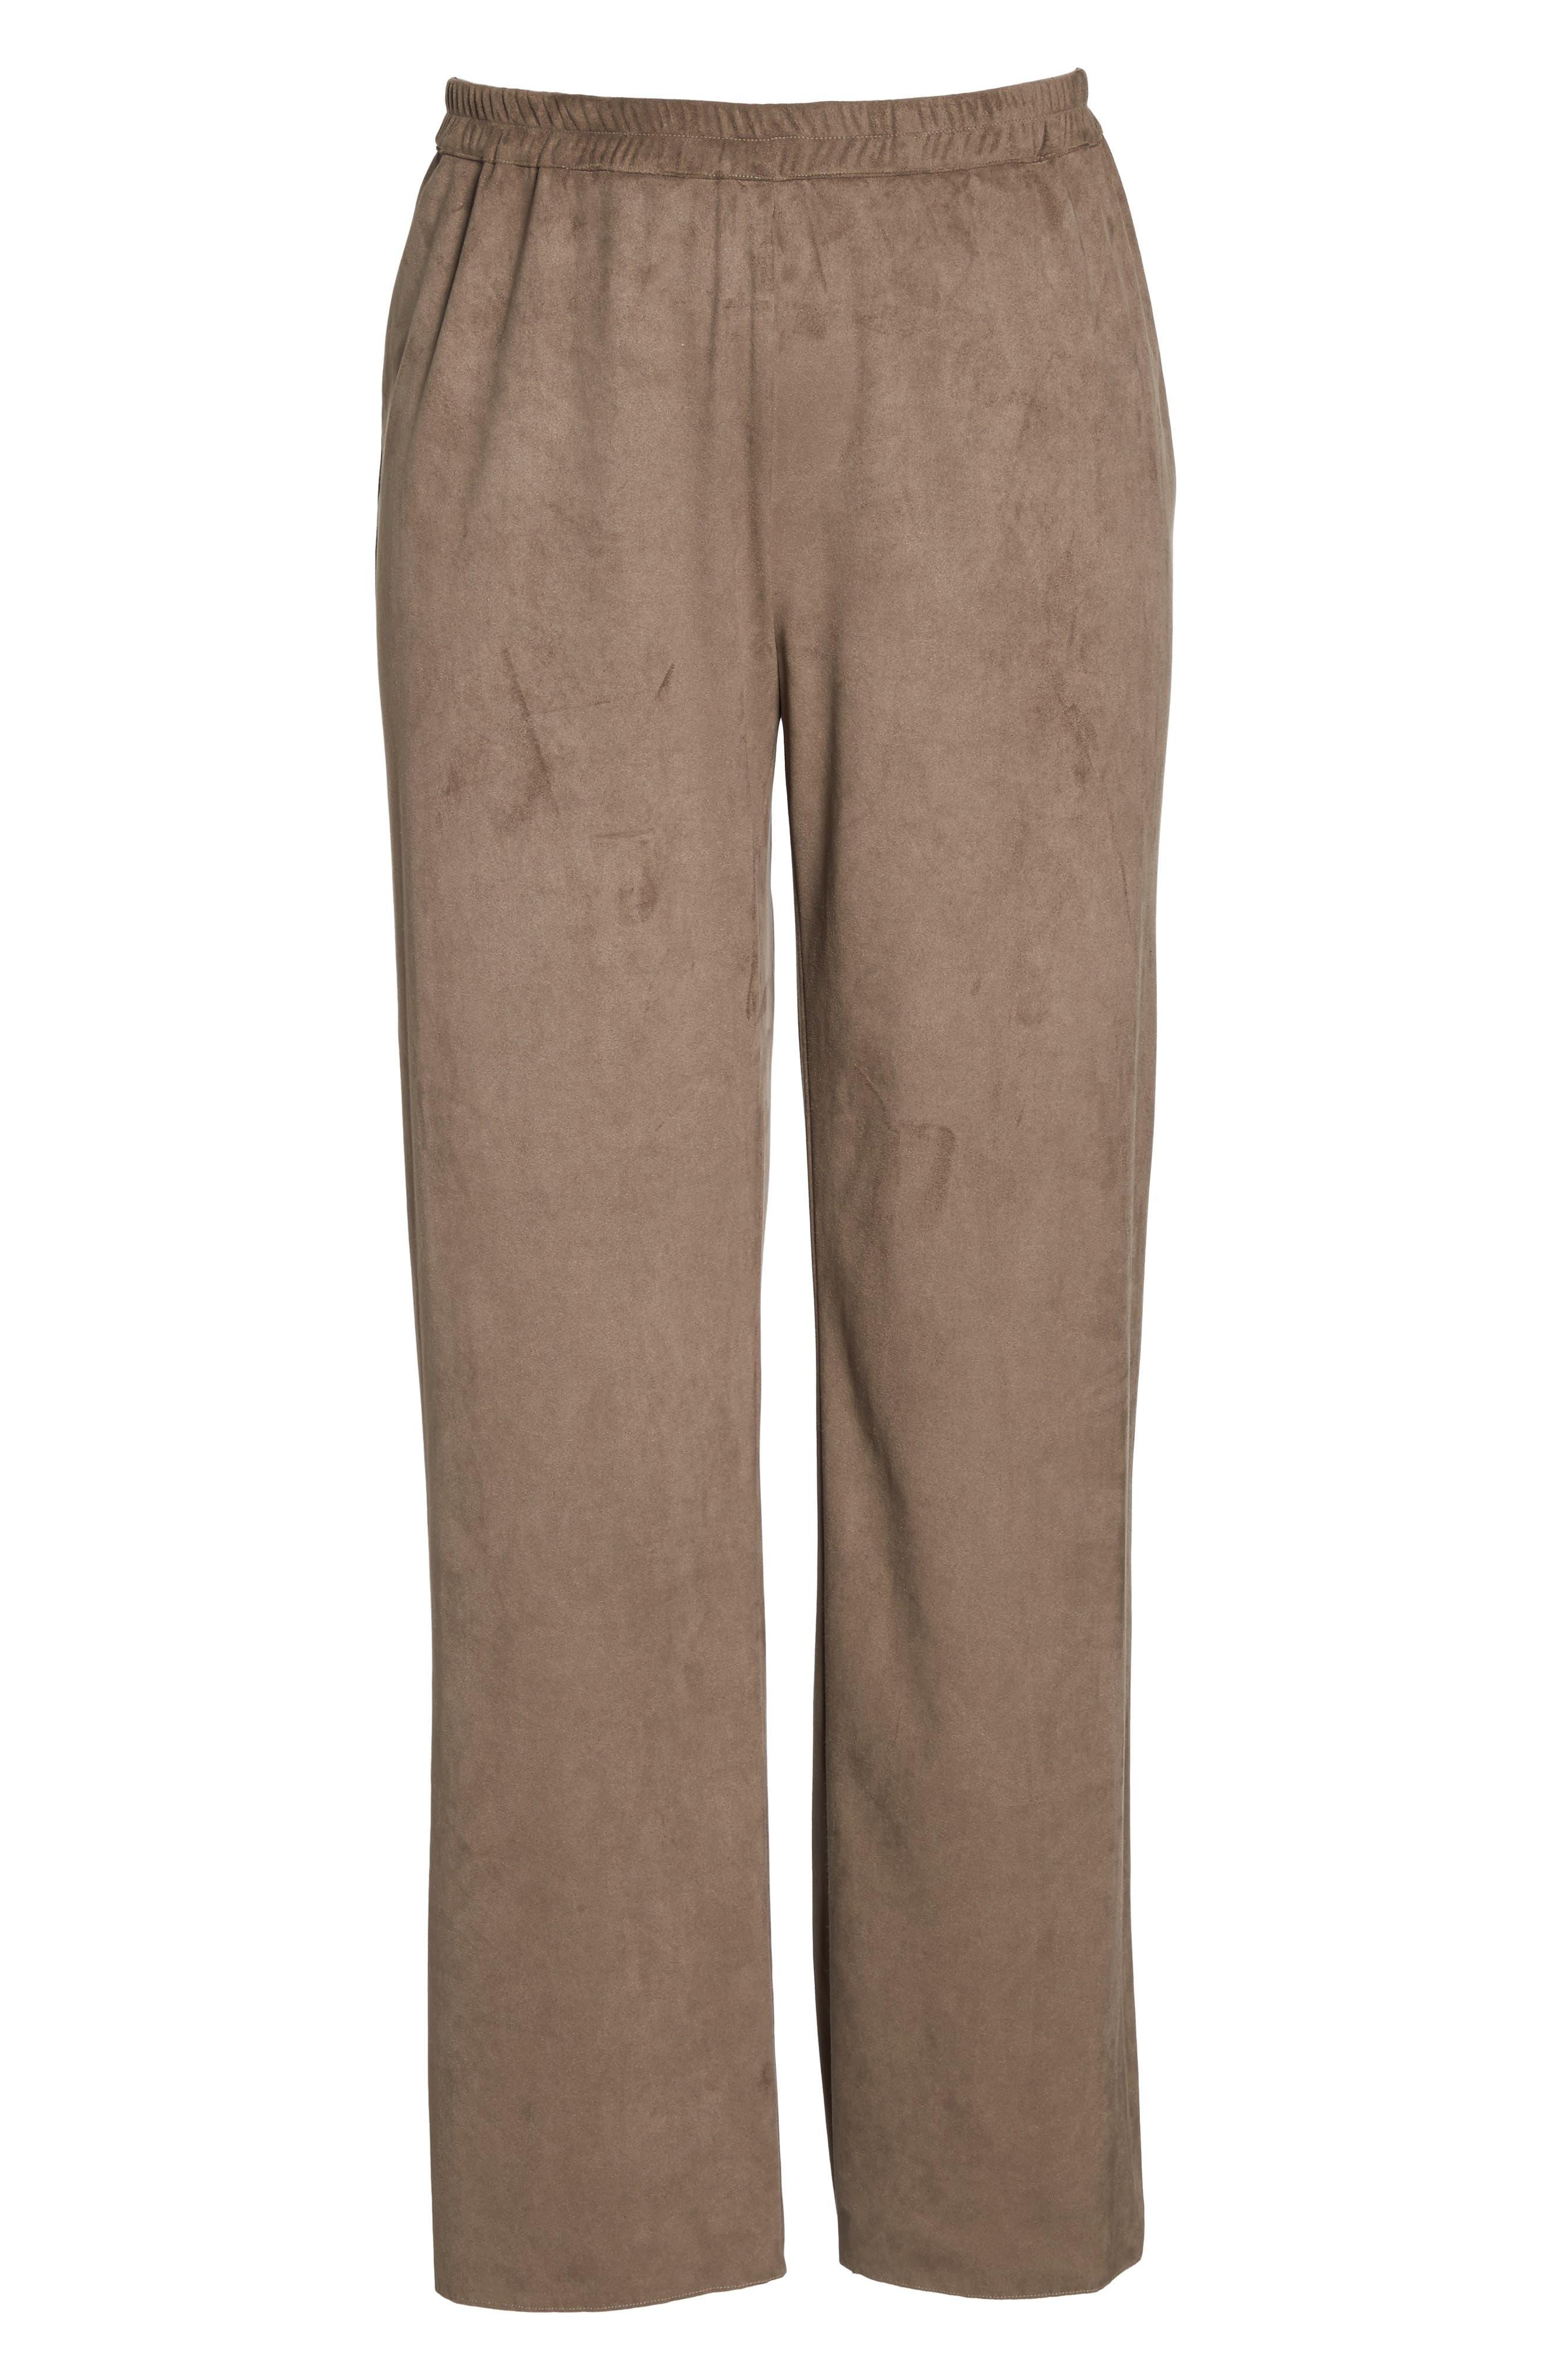 Rosa Faux Suede Knit Pants,                             Alternate thumbnail 6, color,                             259